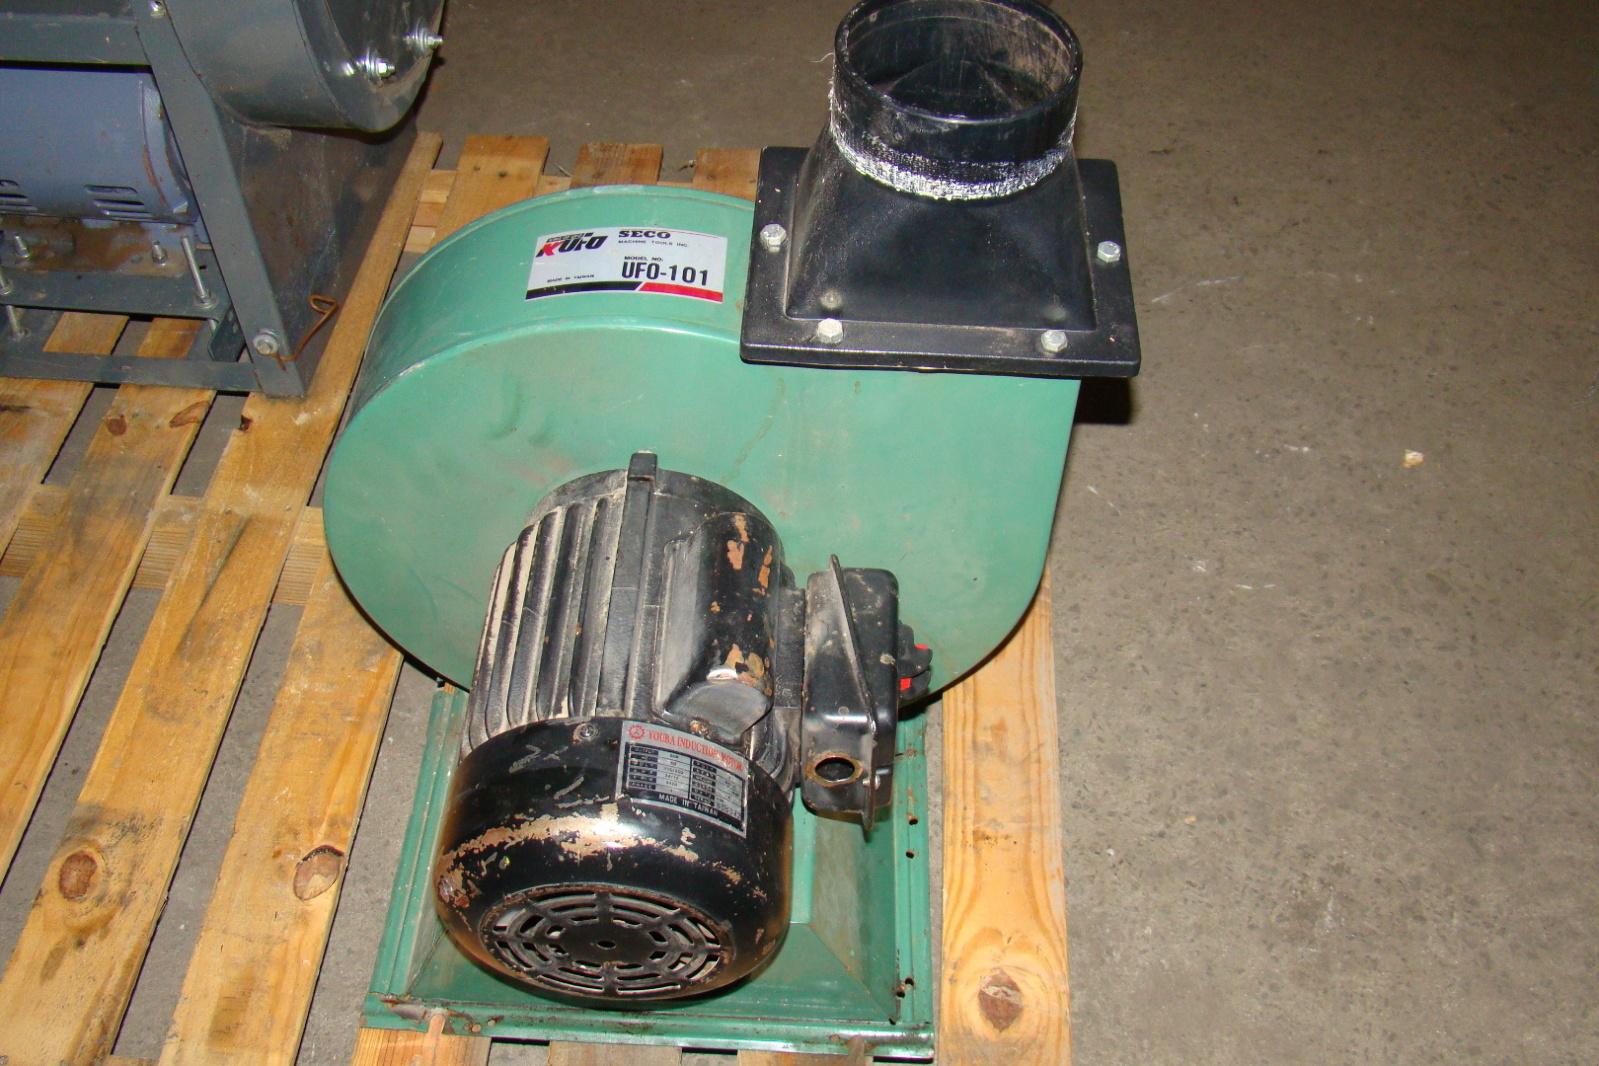 KUFO Blower 1224 CFM Youba 2HP Motor 110v/220v UF0 101 #AA6F21